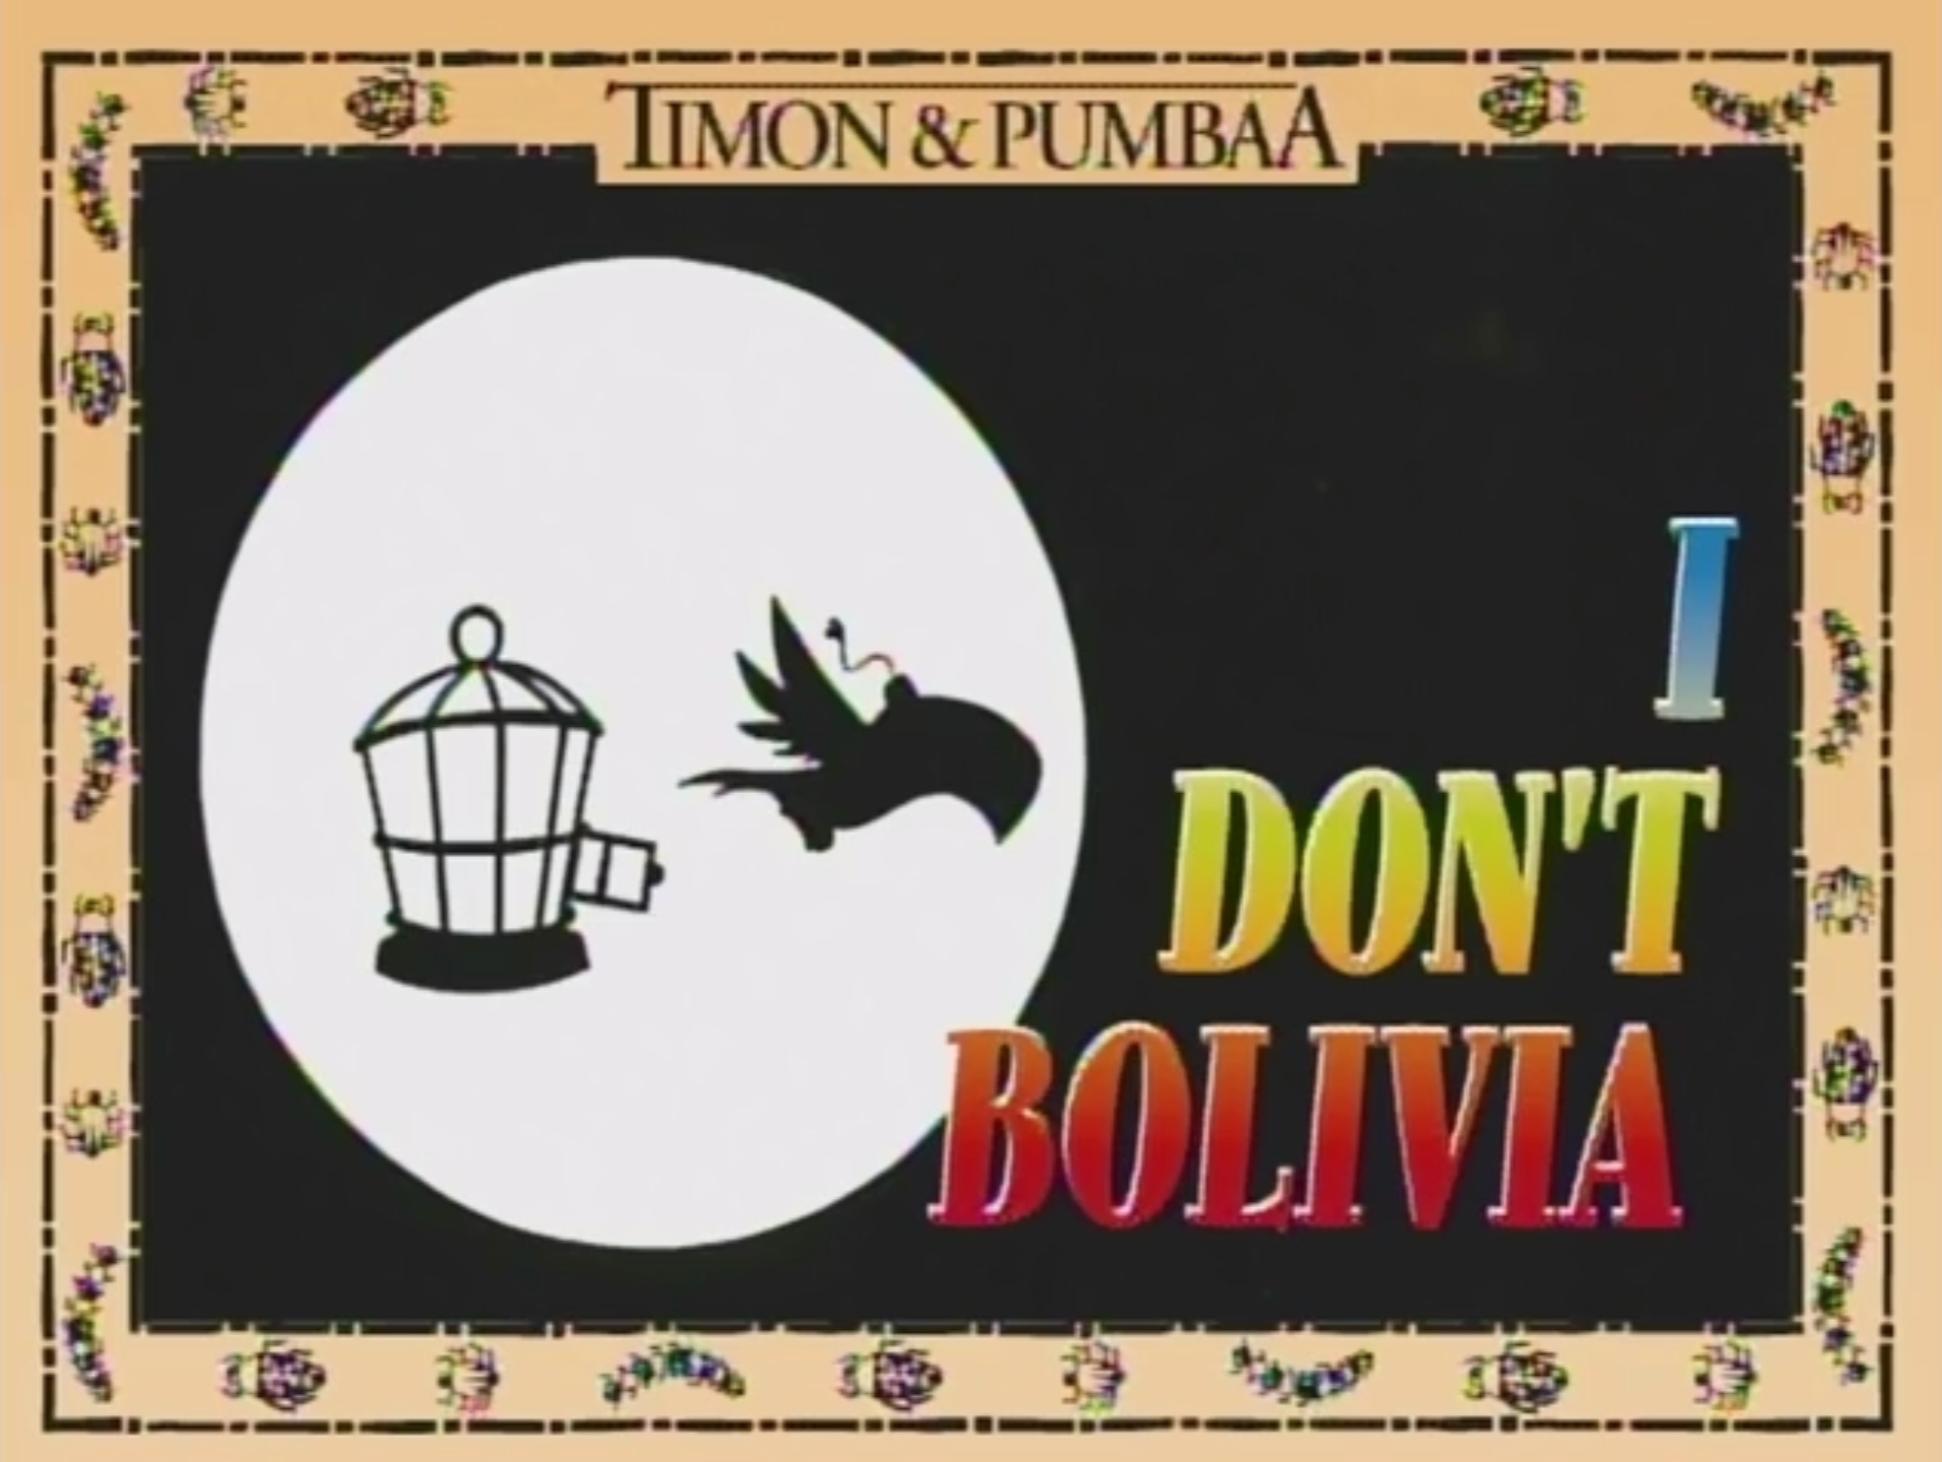 I Don't Bolivia